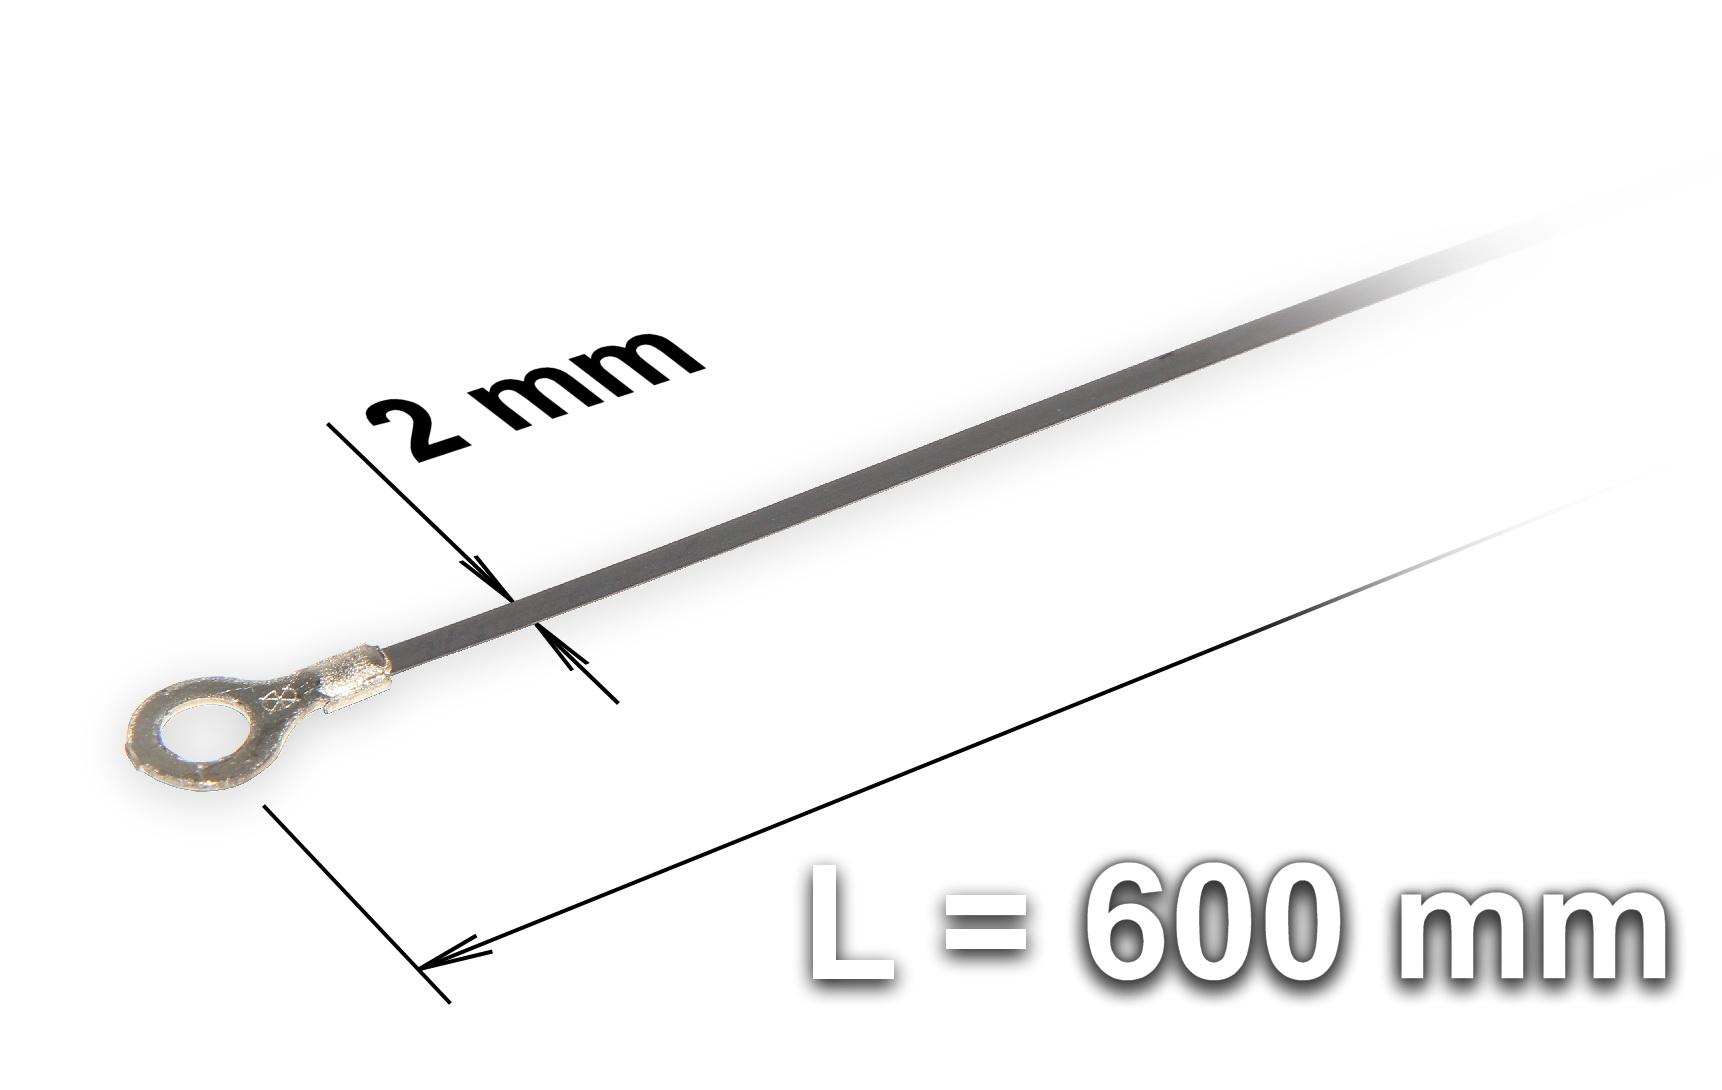 Náhradní tavící drát ke svářečce plastových fólií a sáčků typu FRN-600, šířka 2 mm